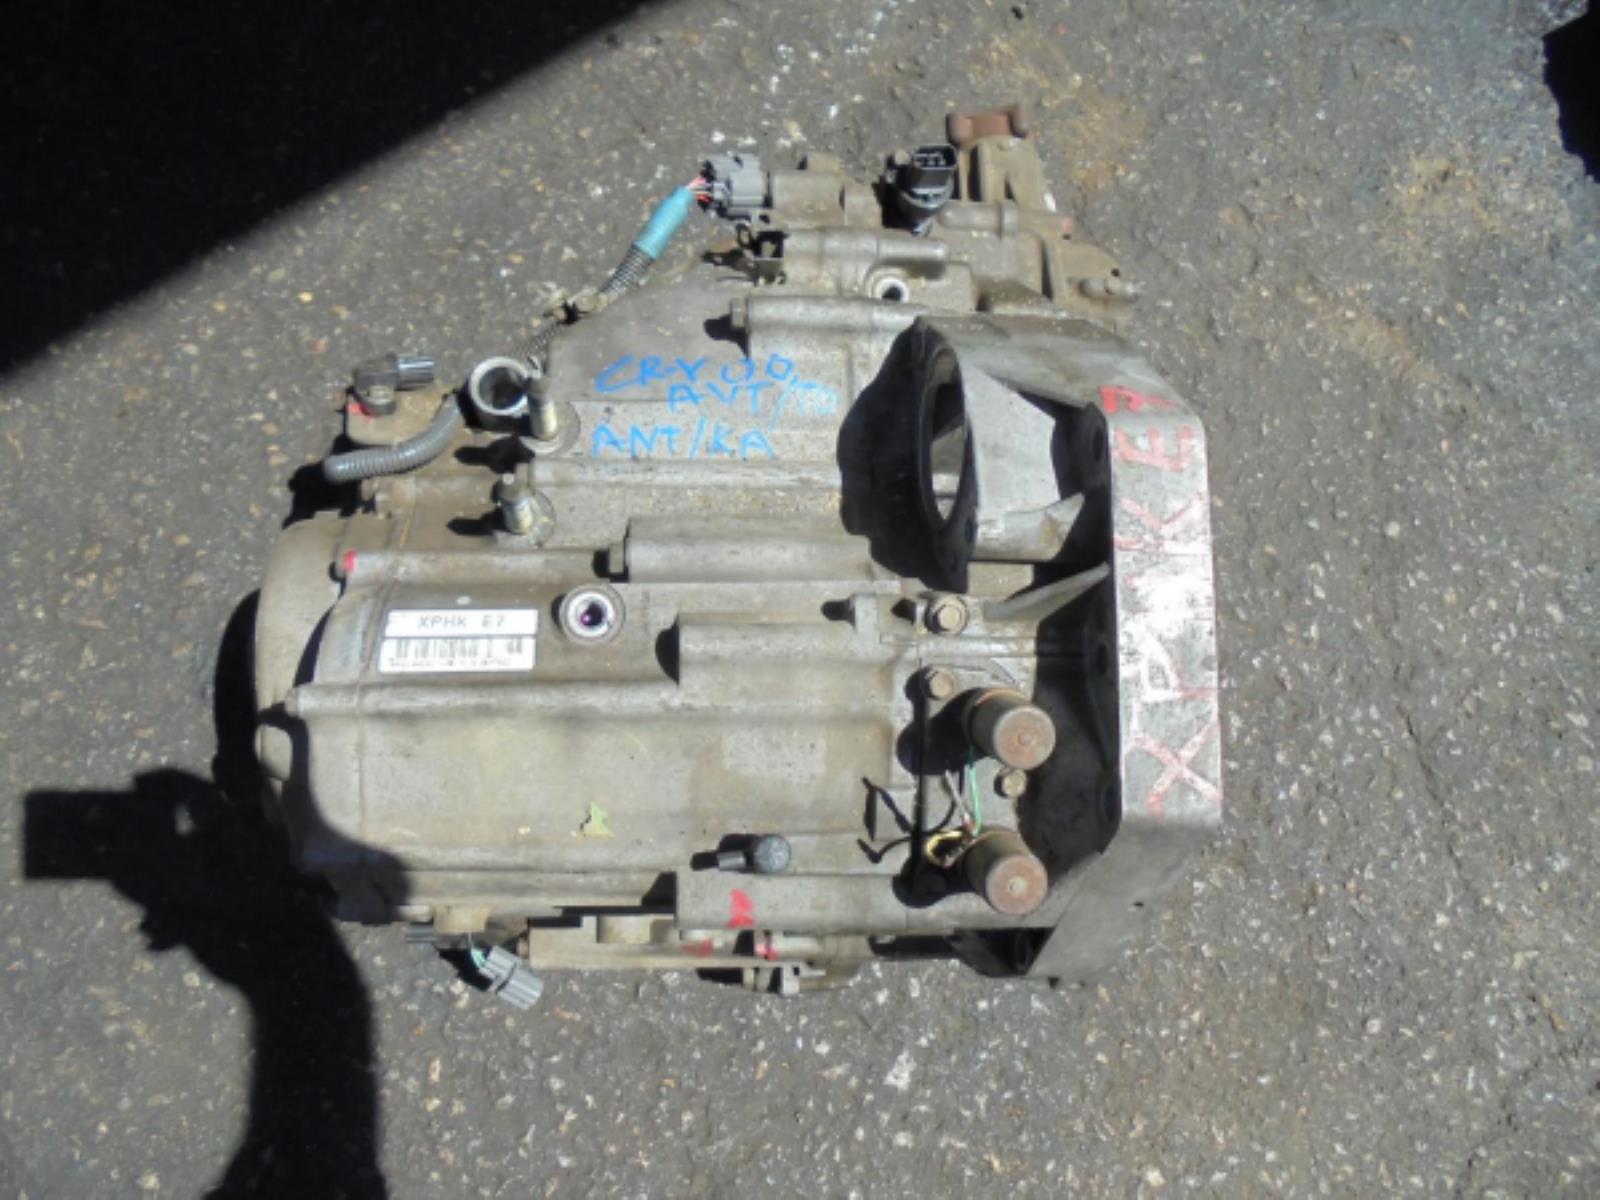 Εικόνα από Σασμάν 4WD  Αυτόματο  HONDA CR-V (1996-2002)     και βοηθητικό, για ανταλλακτικά